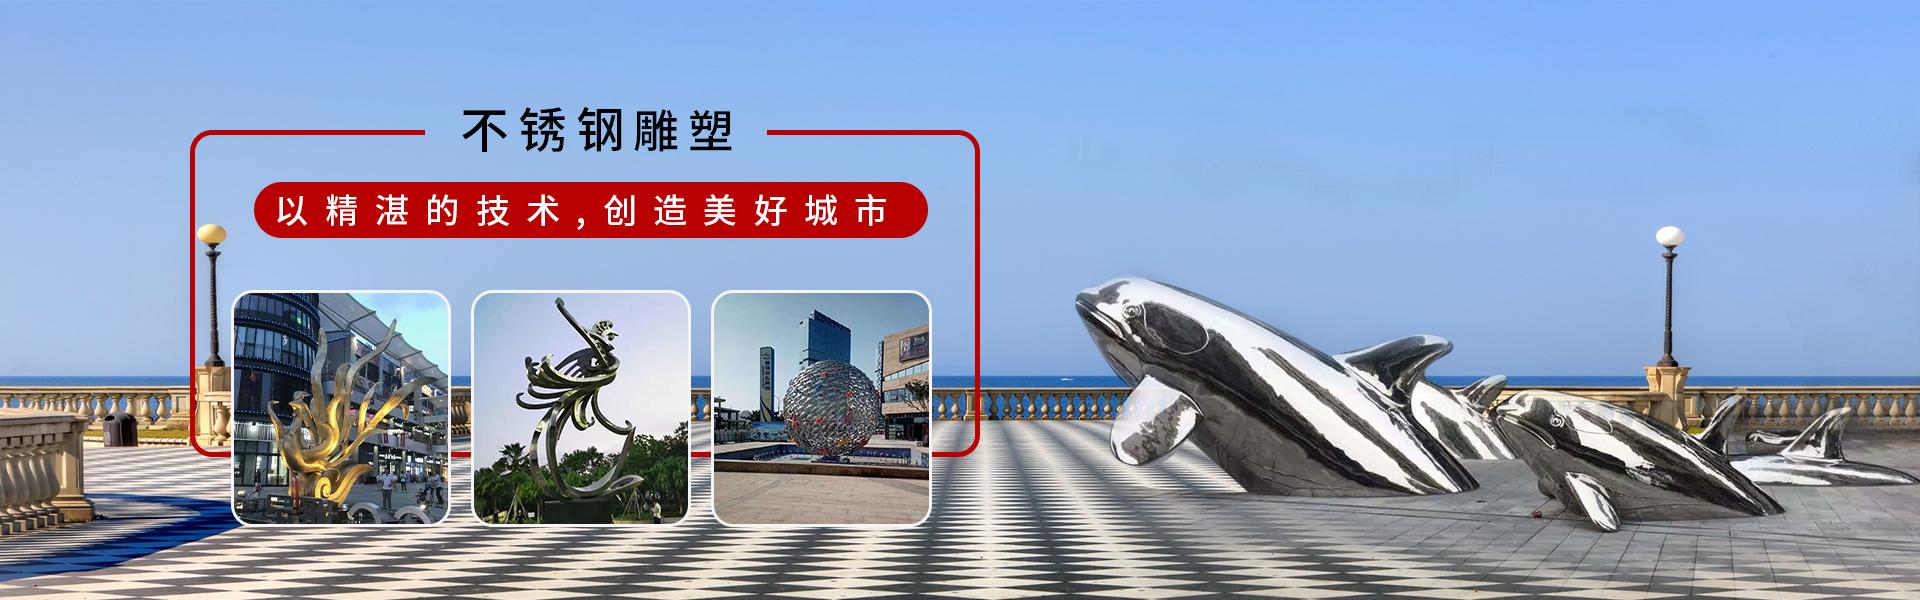 郑州玻璃钢雕塑,郑州不锈钢雕塑,郑州水泥雕塑